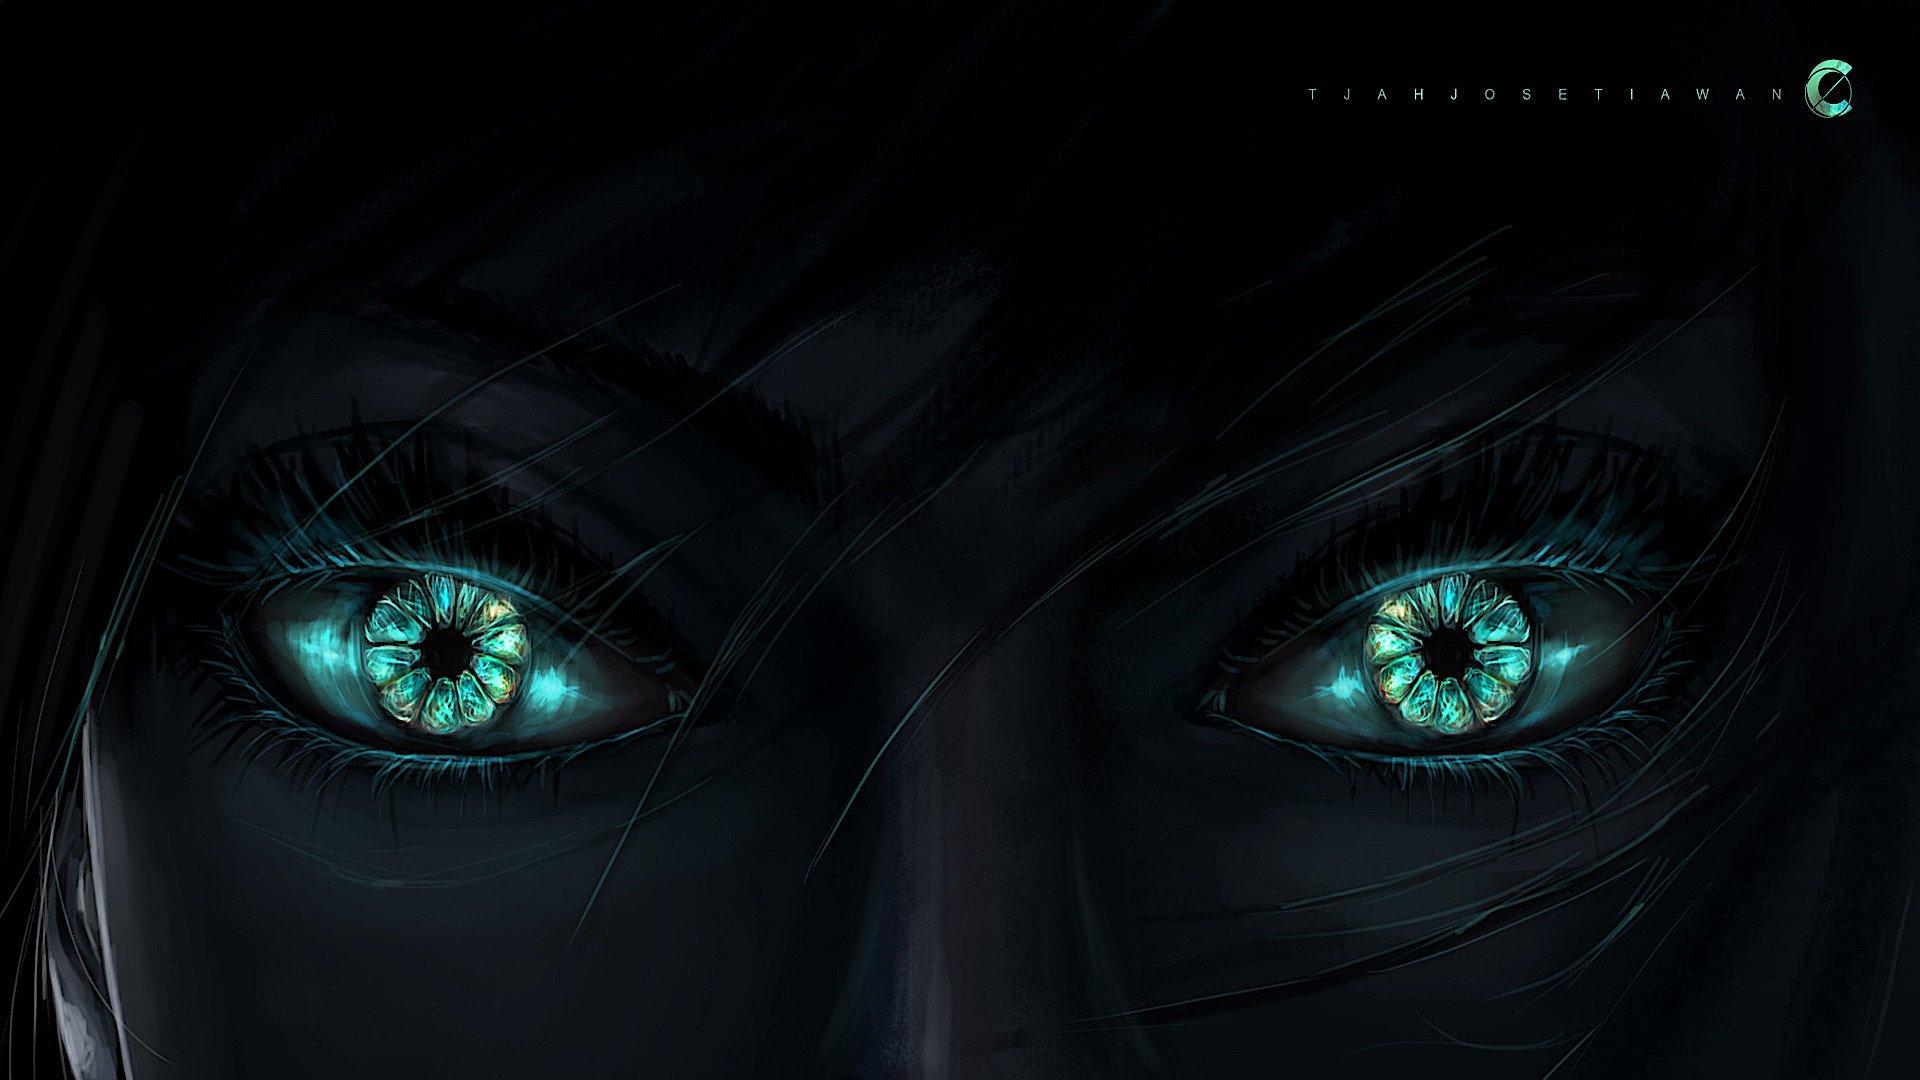 艺术 - Original  Green Eyes 艺术 黑暗 壁纸